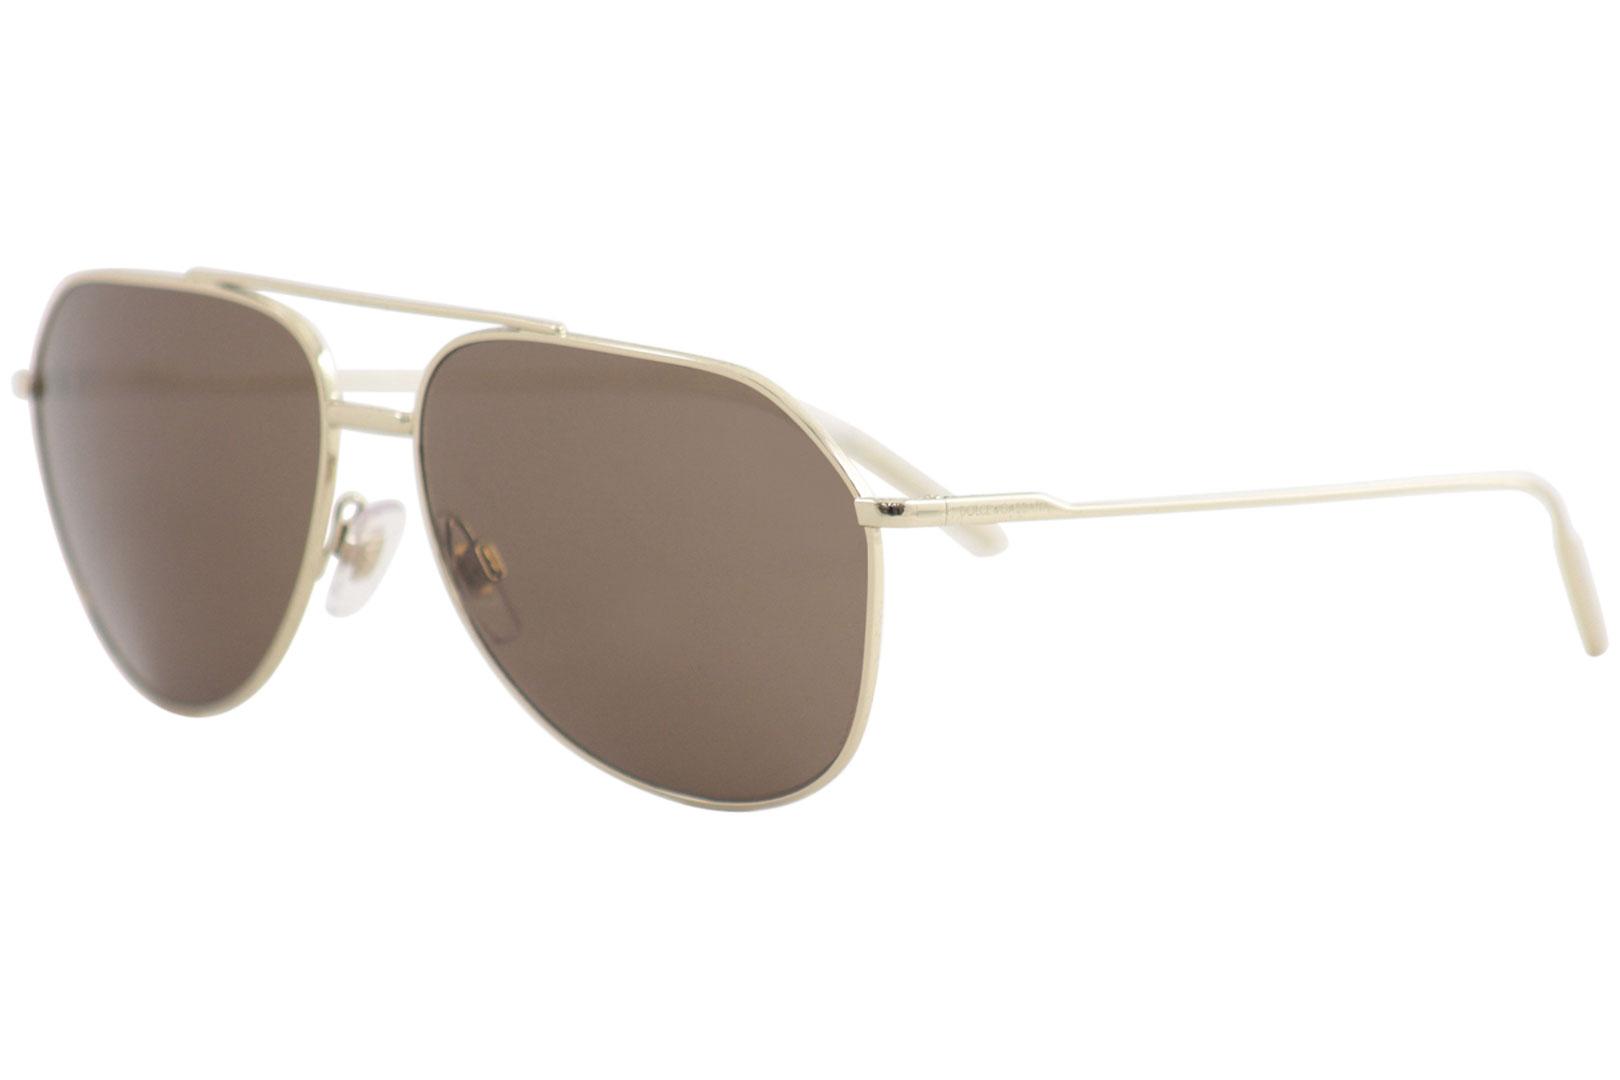 Dolce   Gabbana Men s D G DG2166 DG 2166 488 73 Pale Gold Pilot ... 78975840b9